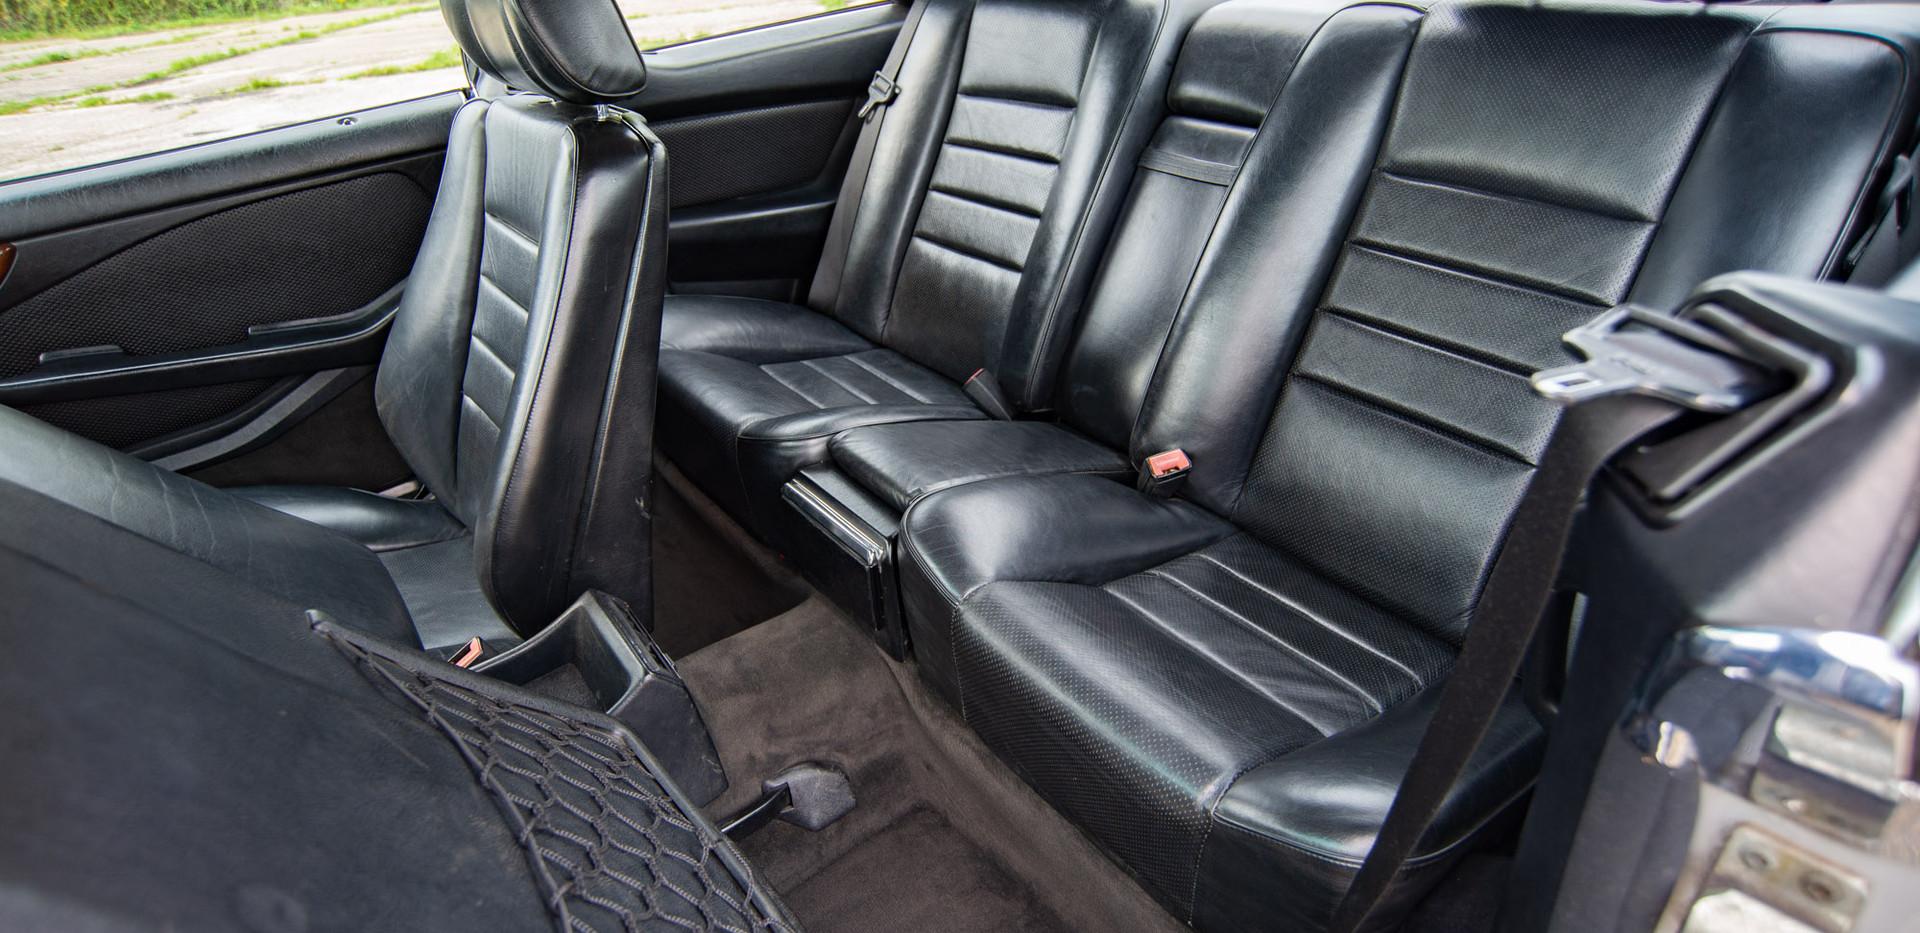 W126 420SEC - Uk for sale london-37.jpg